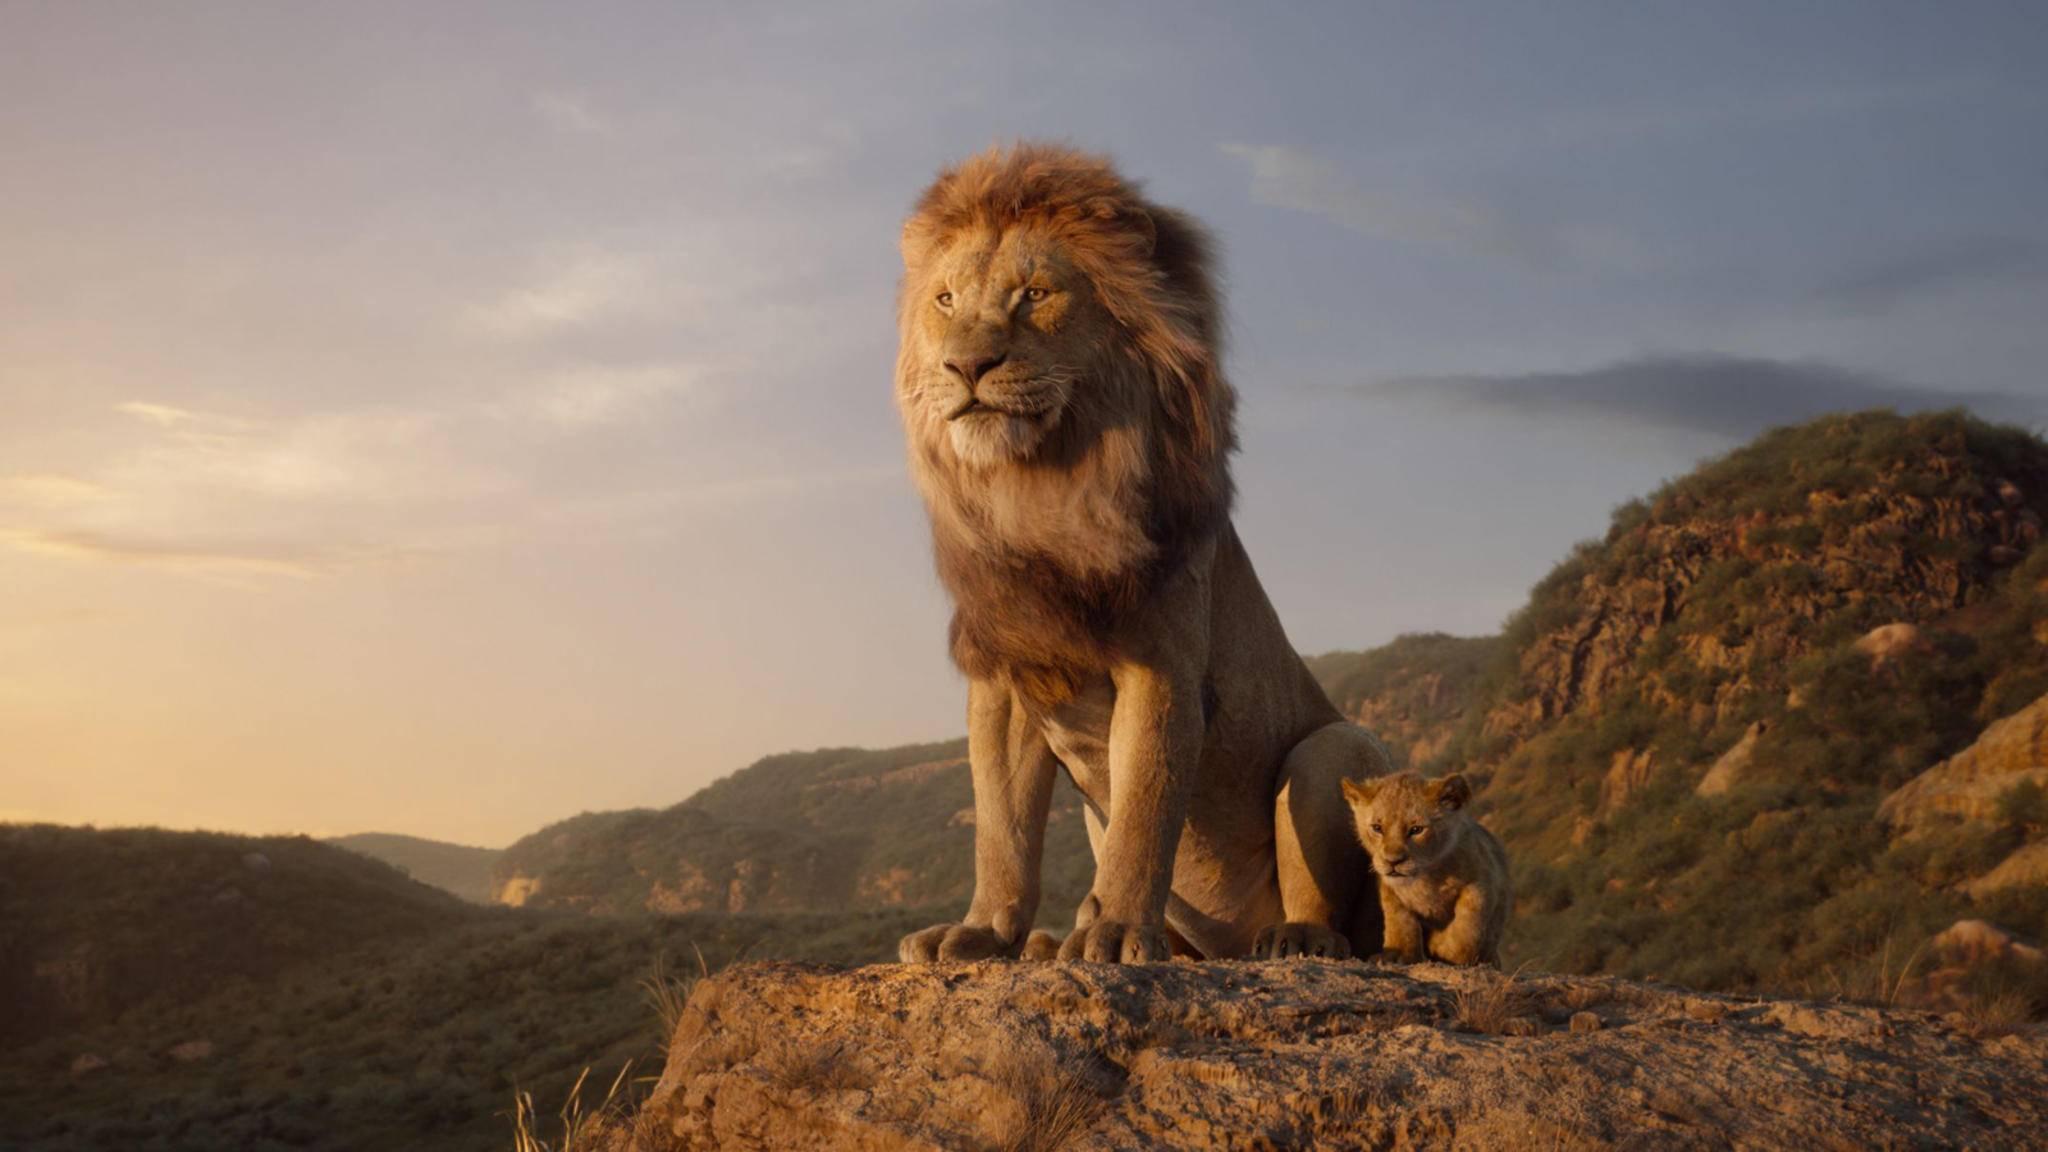 """Ein Blick in die Zukunft? """"König der Löwen"""" könnte ähnlich erfolgreich wie """"Avengers: Endgame"""" werden."""